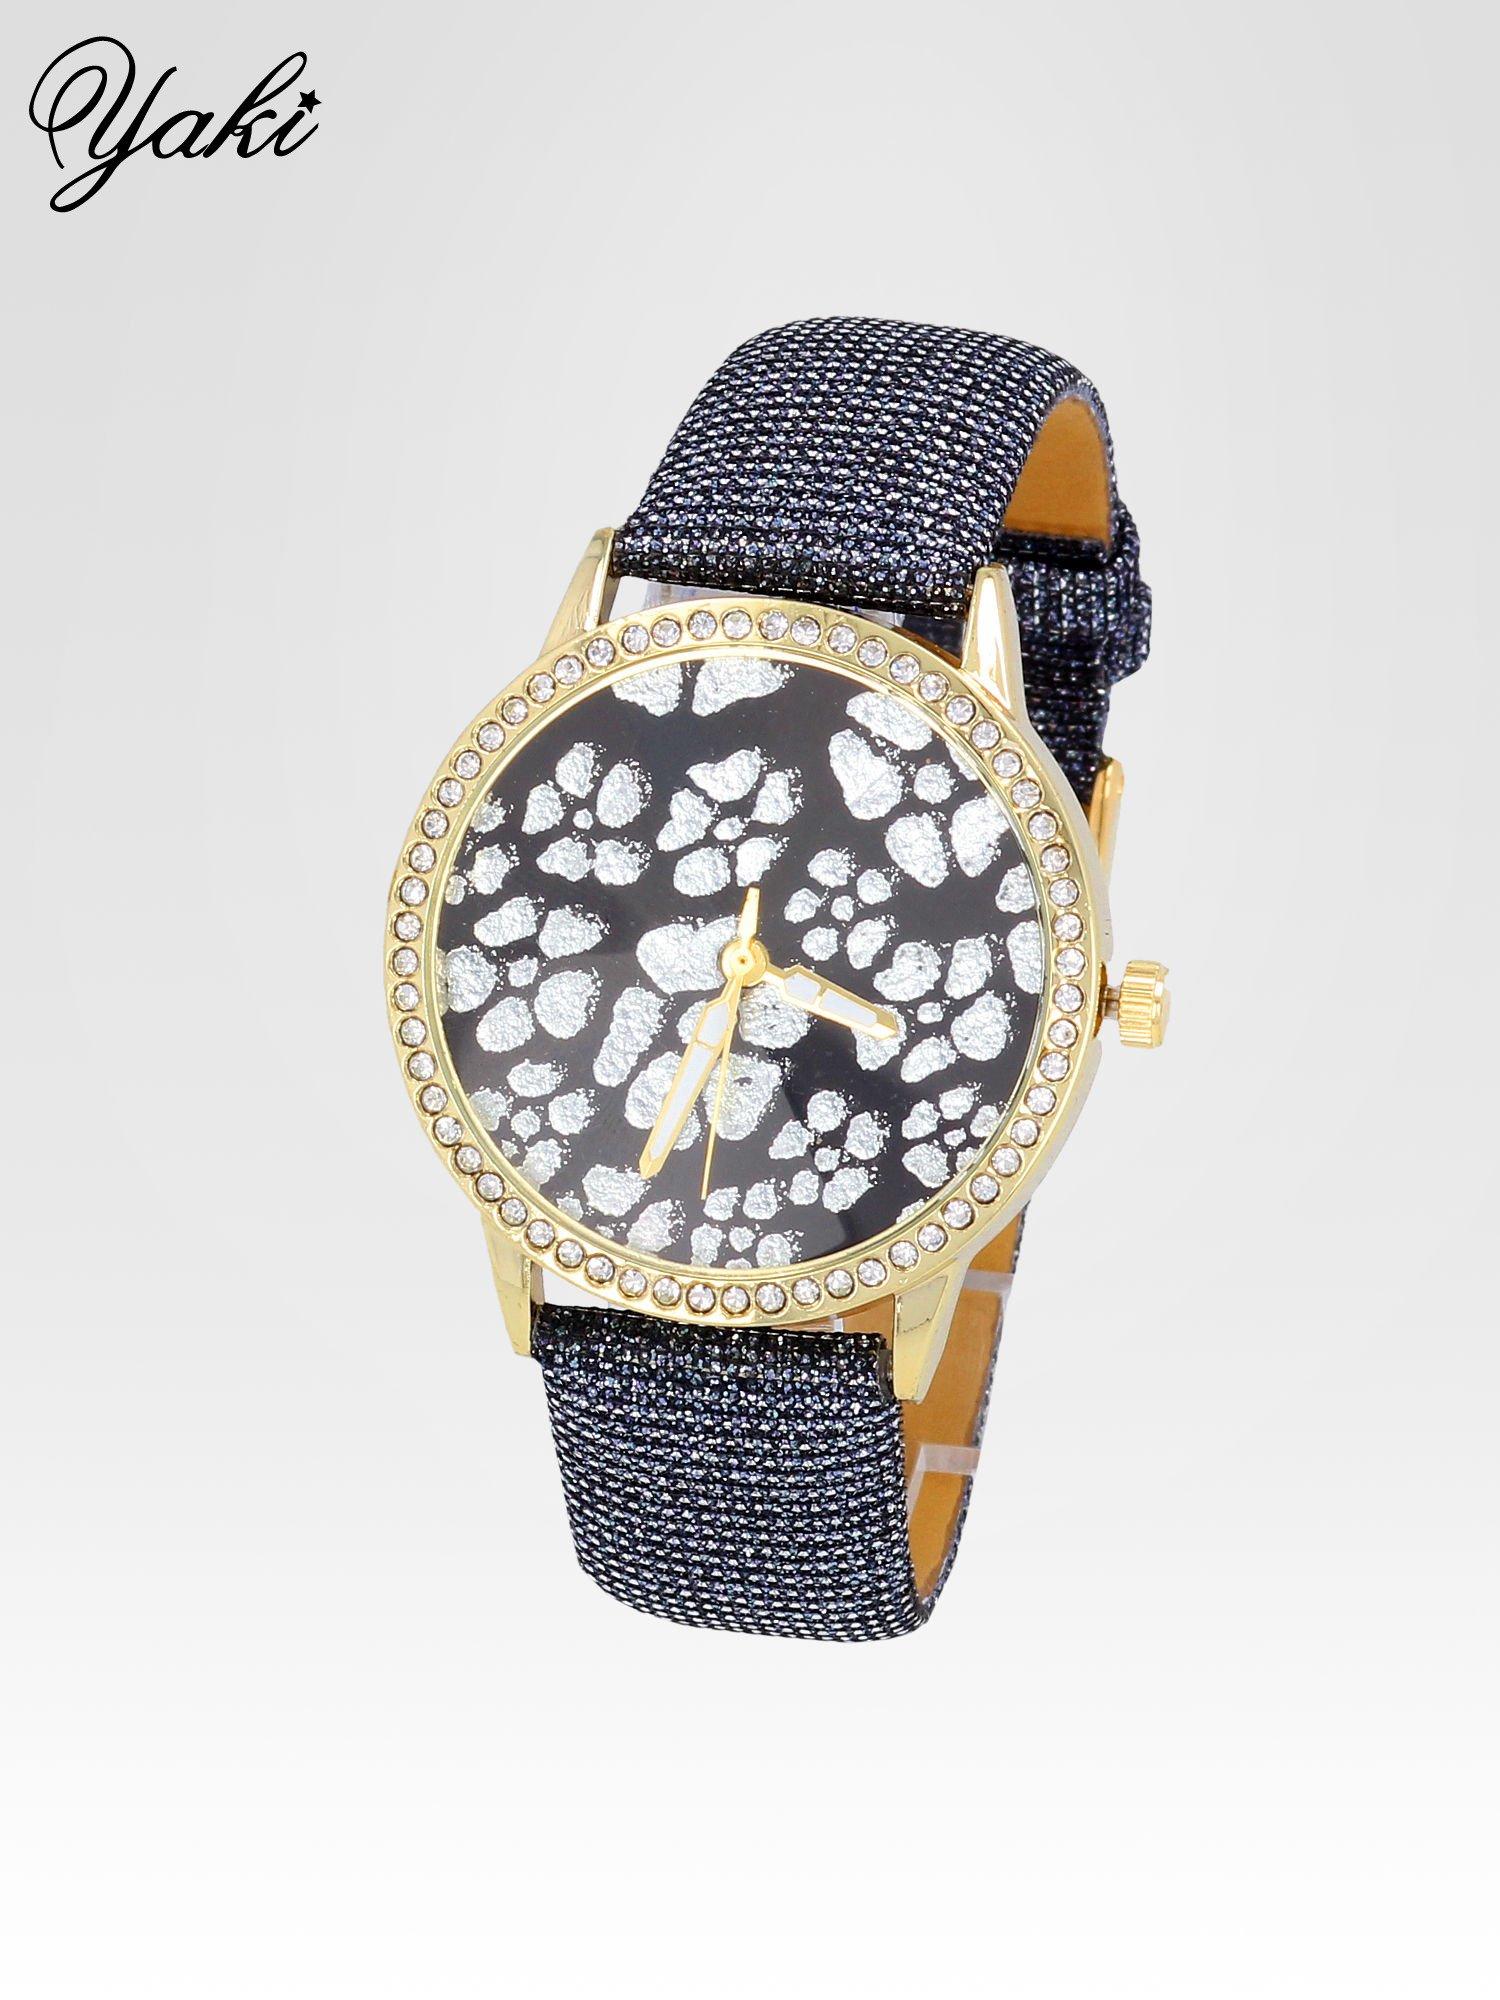 Srebrny zegarek damski na błyszczącym paski z cyrkoniami na kopercie                                  zdj.                                  2